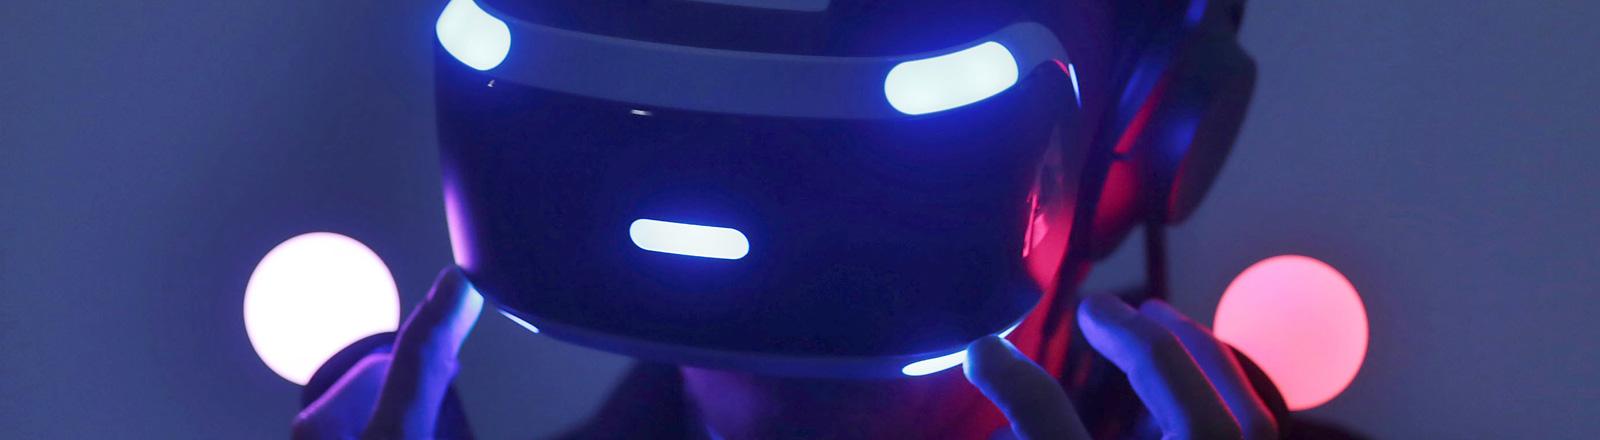 in Fachbesucher testet am 17.08.2016 in Köln (Nordrhein-Westfalen) auf der Spielemesse Gamescom mit einer VR-Brille